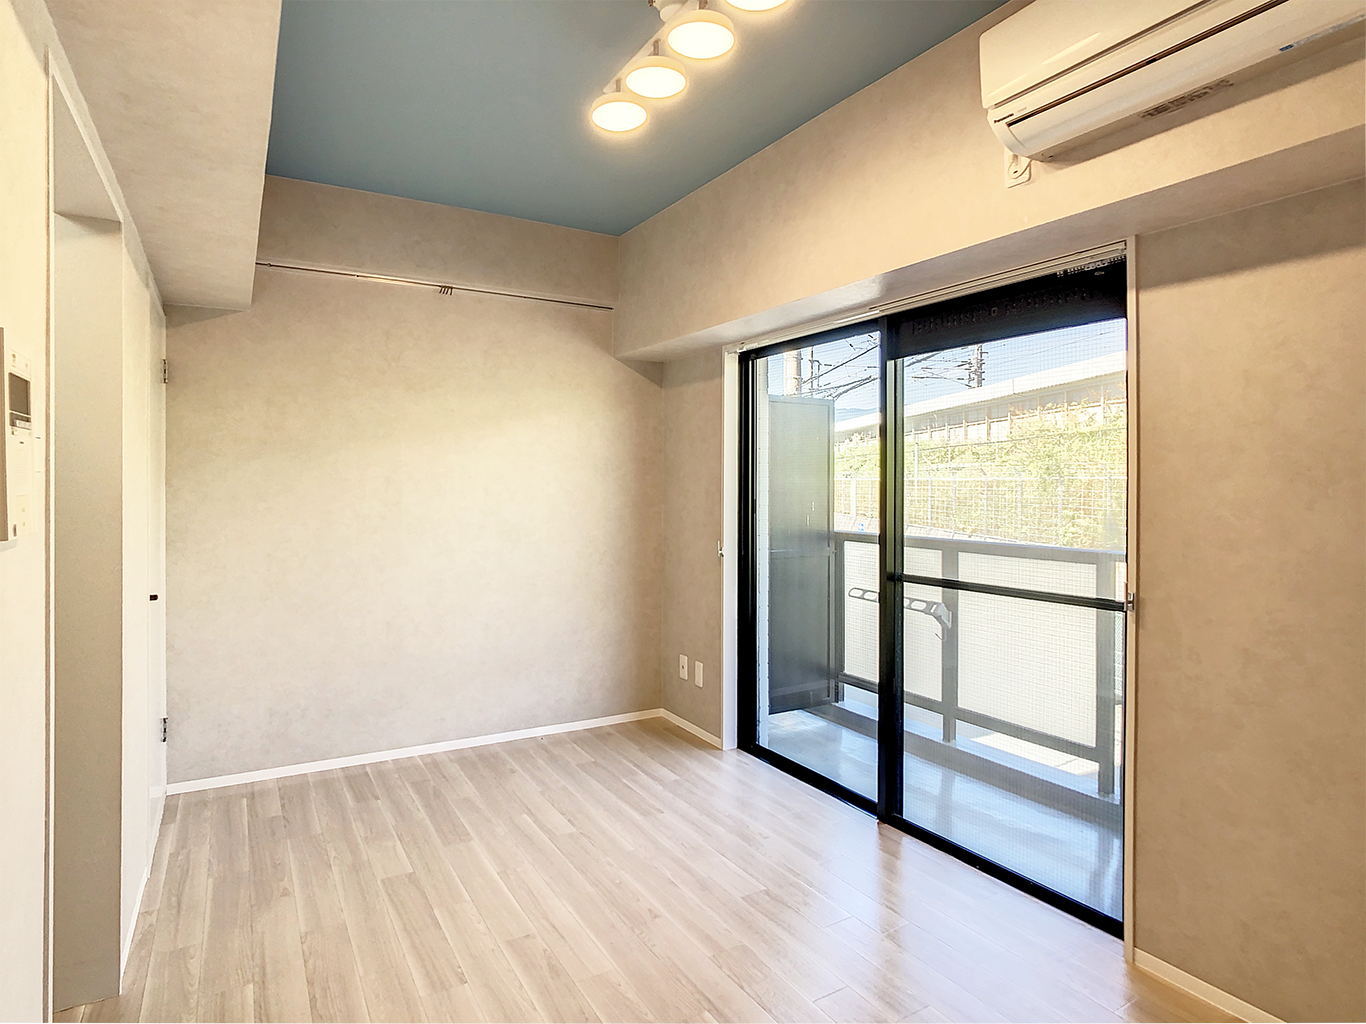 柔らかいスポットライト照明に淡い濃淡のある塗り壁調が優しい雰囲気を出してくれています。